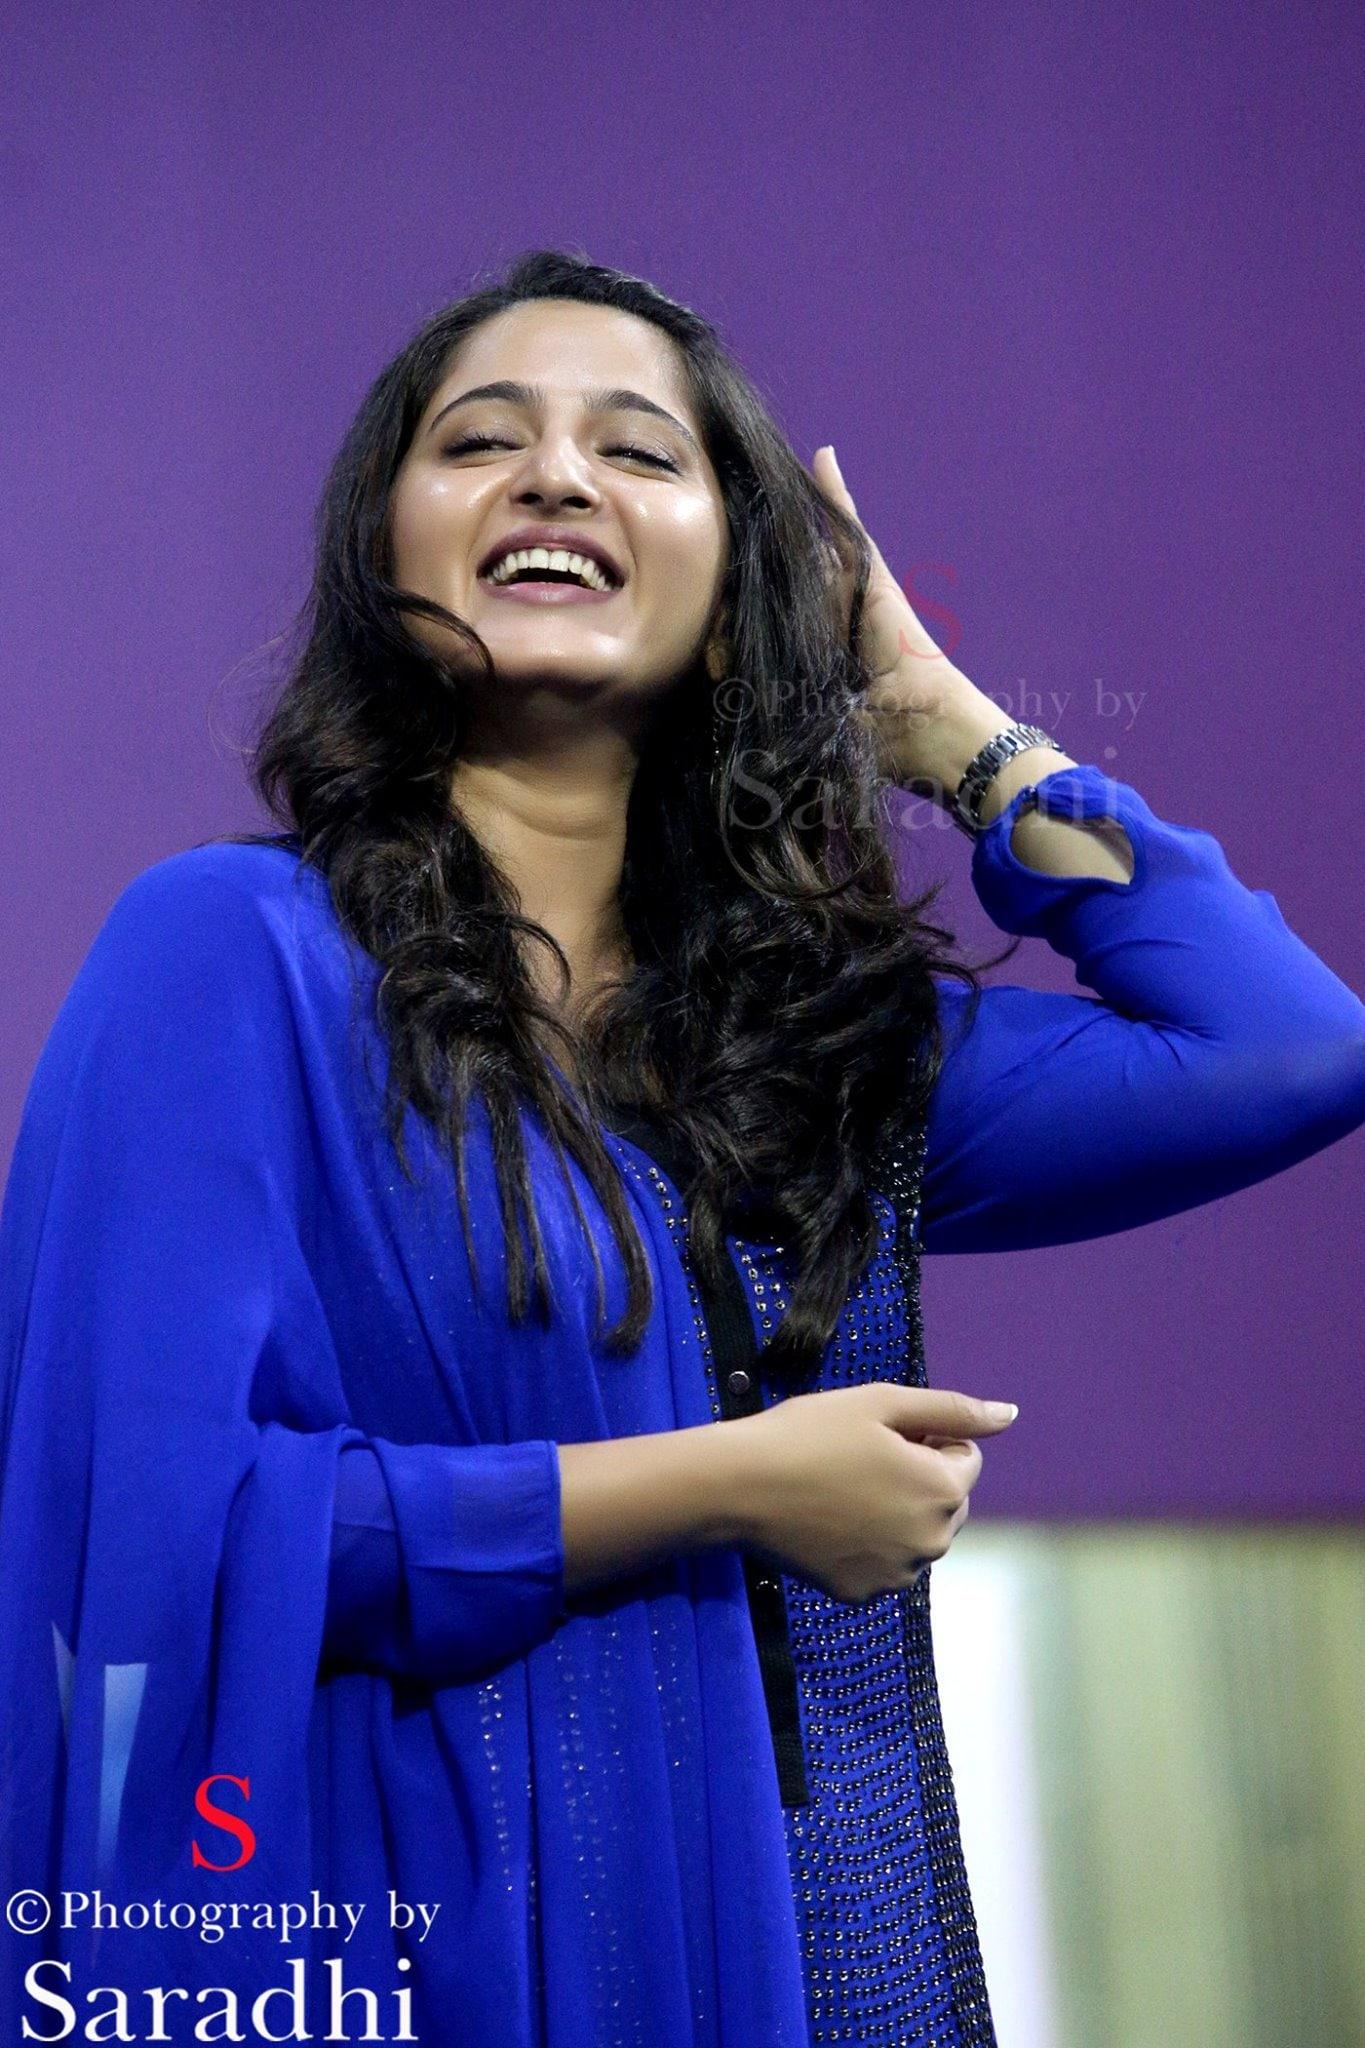 நடிகை அனுஷ்காவிற்கு இன்ஸ்டாகிராமில் 4.7 மில்லியன் பின்தொடர்பாளர்கள் உள்ளனர்.